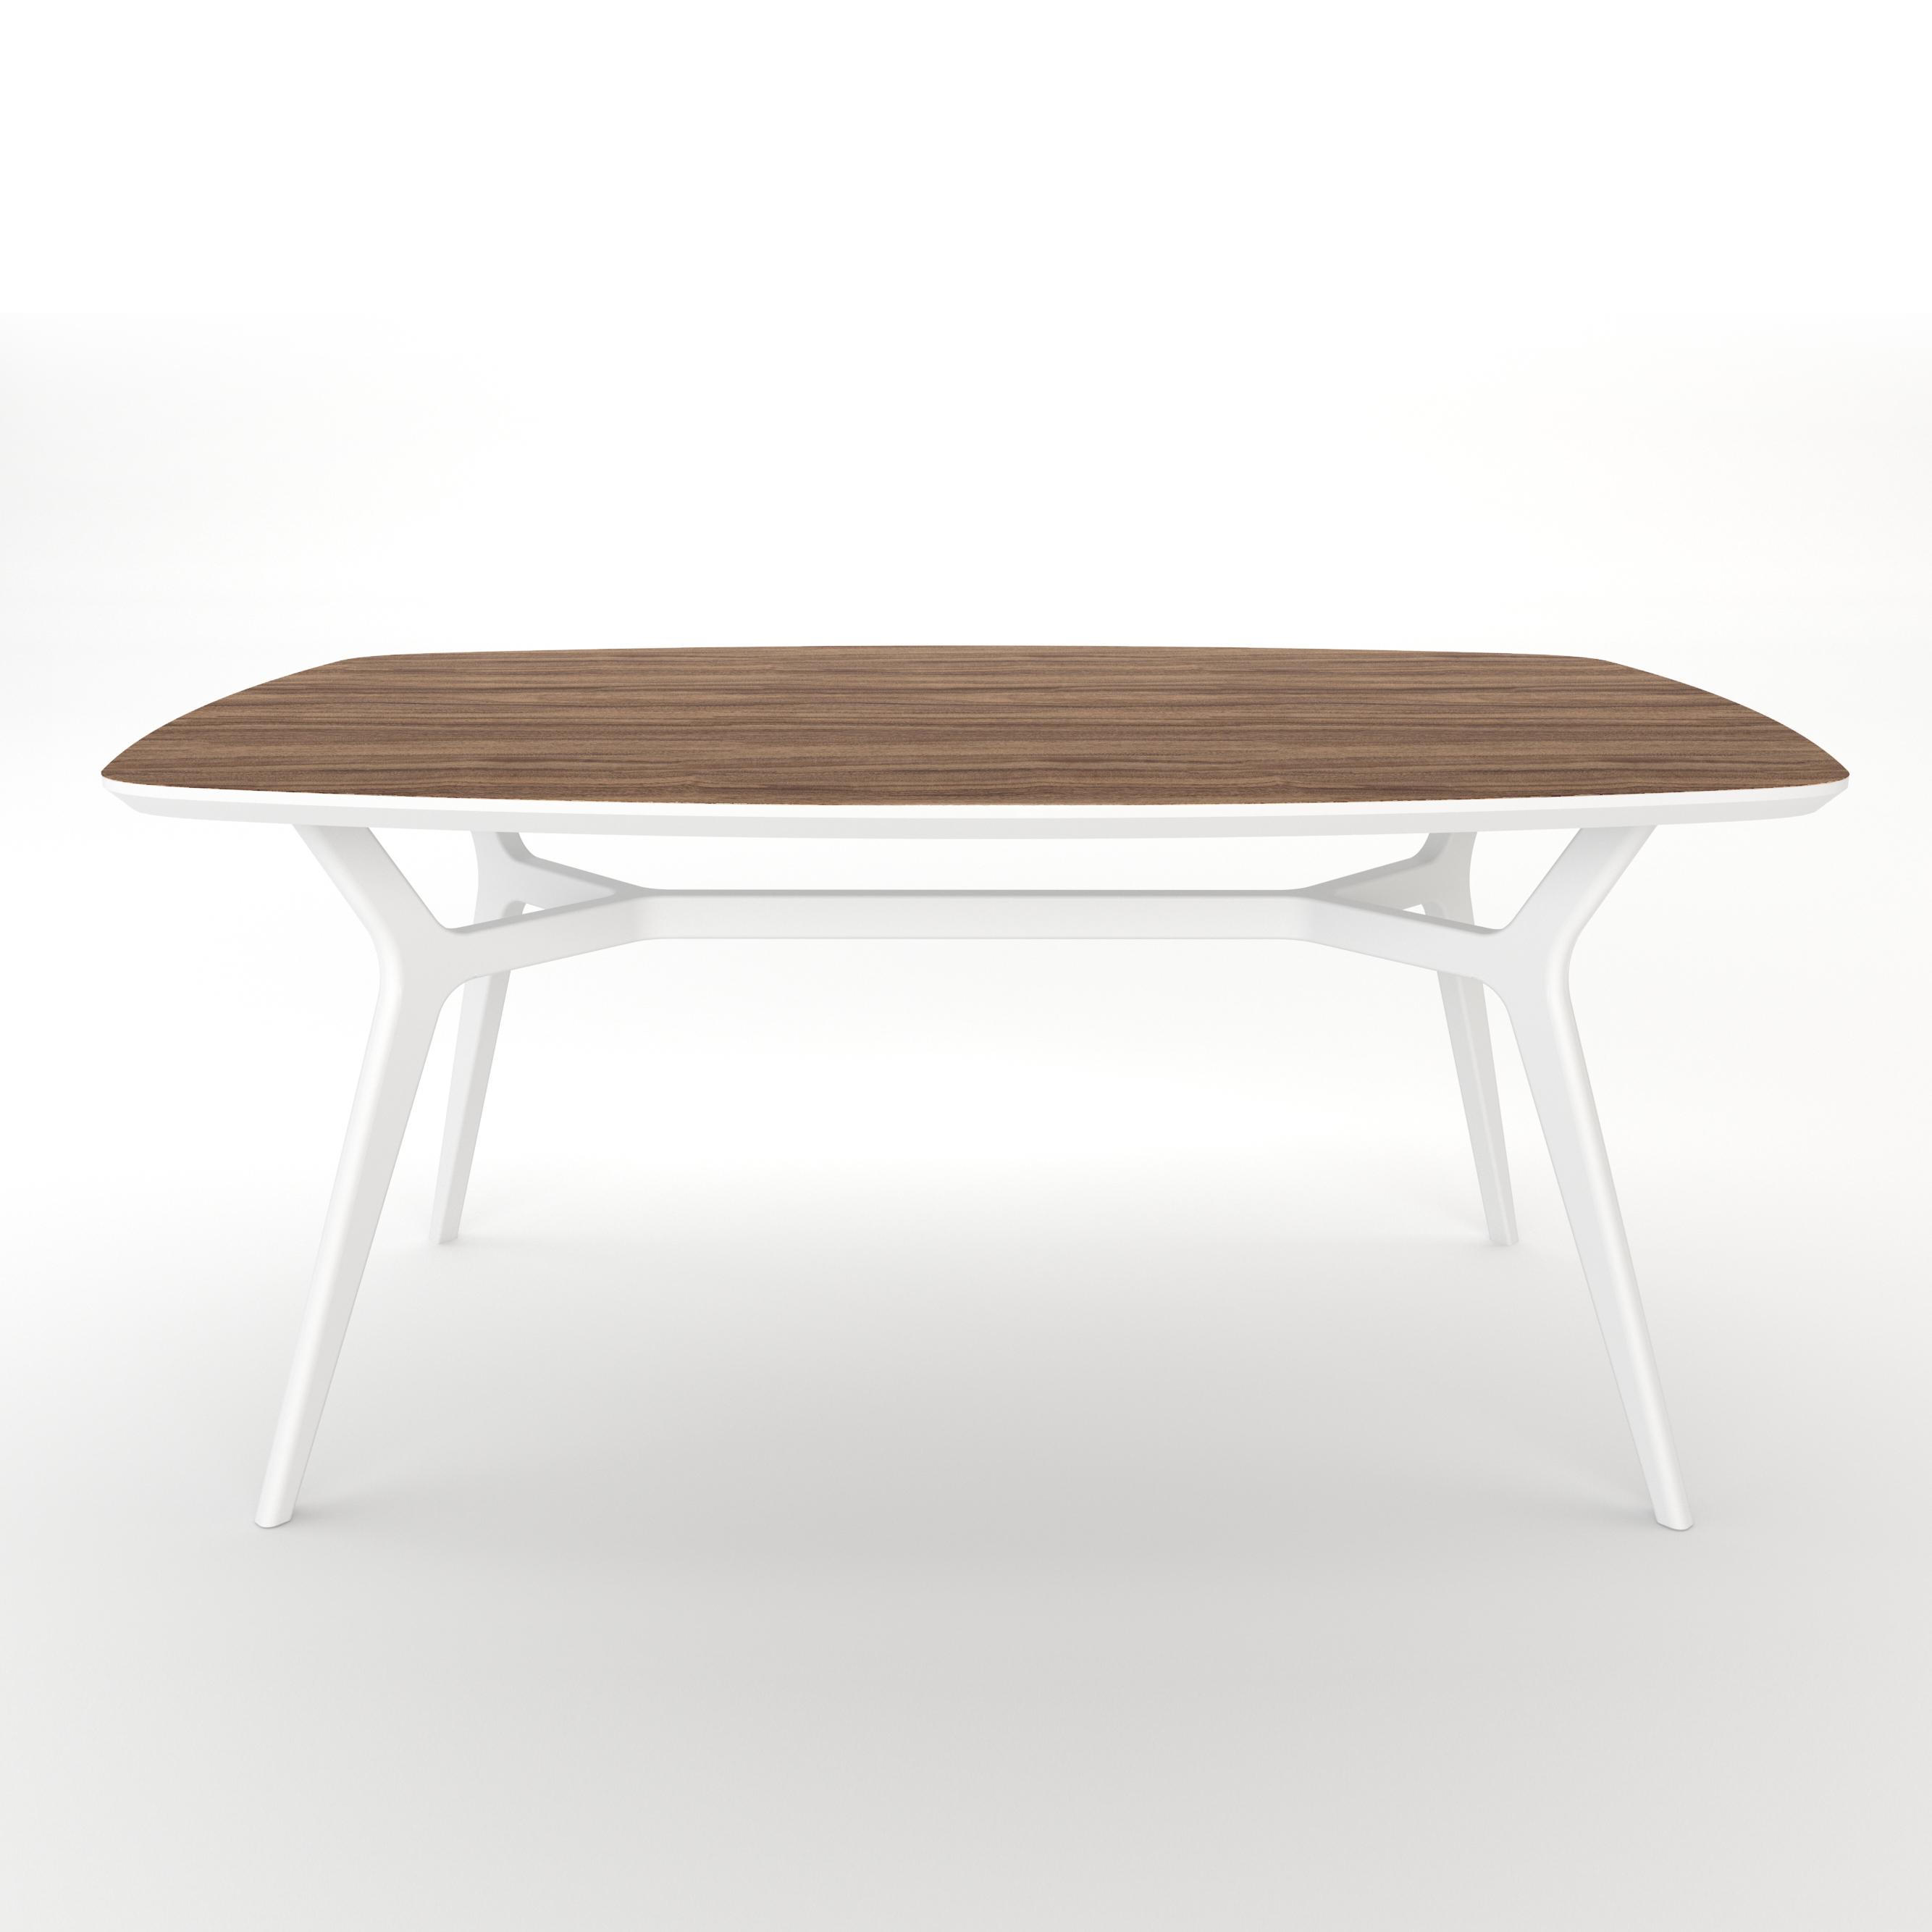 Стол JohannОбеденные столы<br>Тщательная проработка деталей и пропорций стола позволяет ему идеально вписаться в любой интерьер .Отделка столешницы шпоном ореха, подстолье выкрашено в белый цвет. Сборка не требуется.<br><br>kit: None<br>gender: None